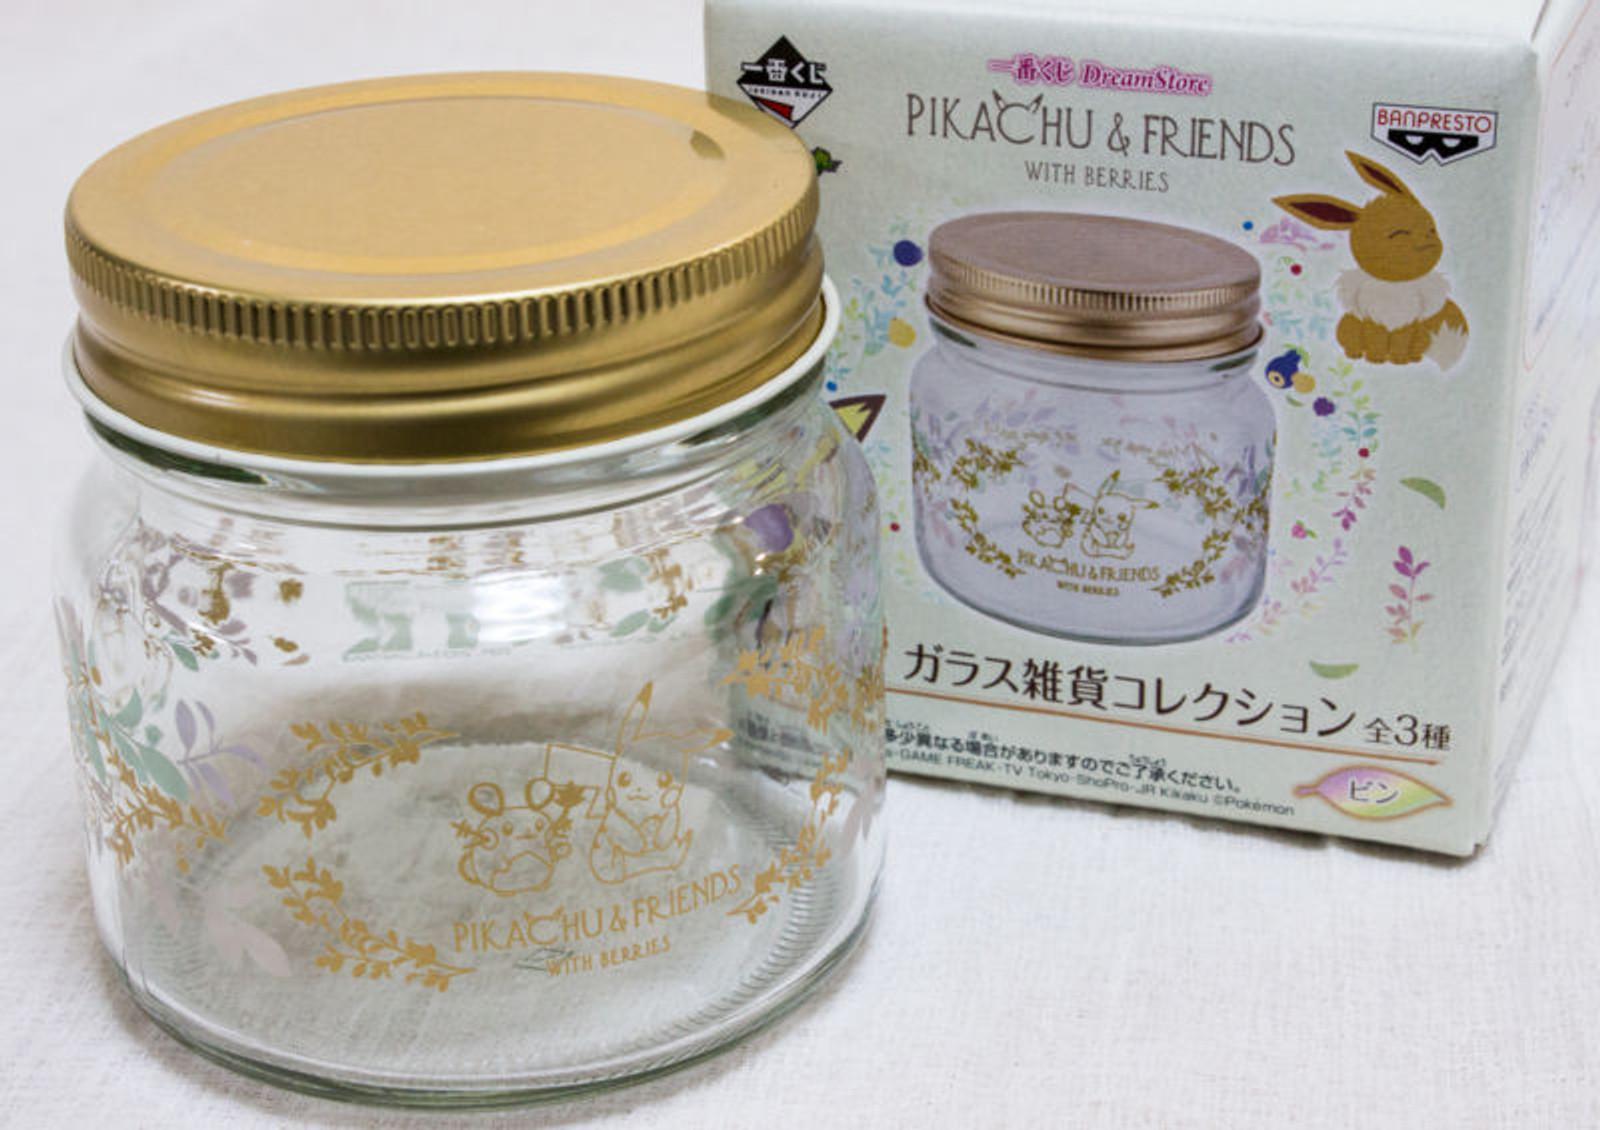 Pokemon Glass Candy Pot Pikachu Banpresto Pocket Monster JAPAN ANIME